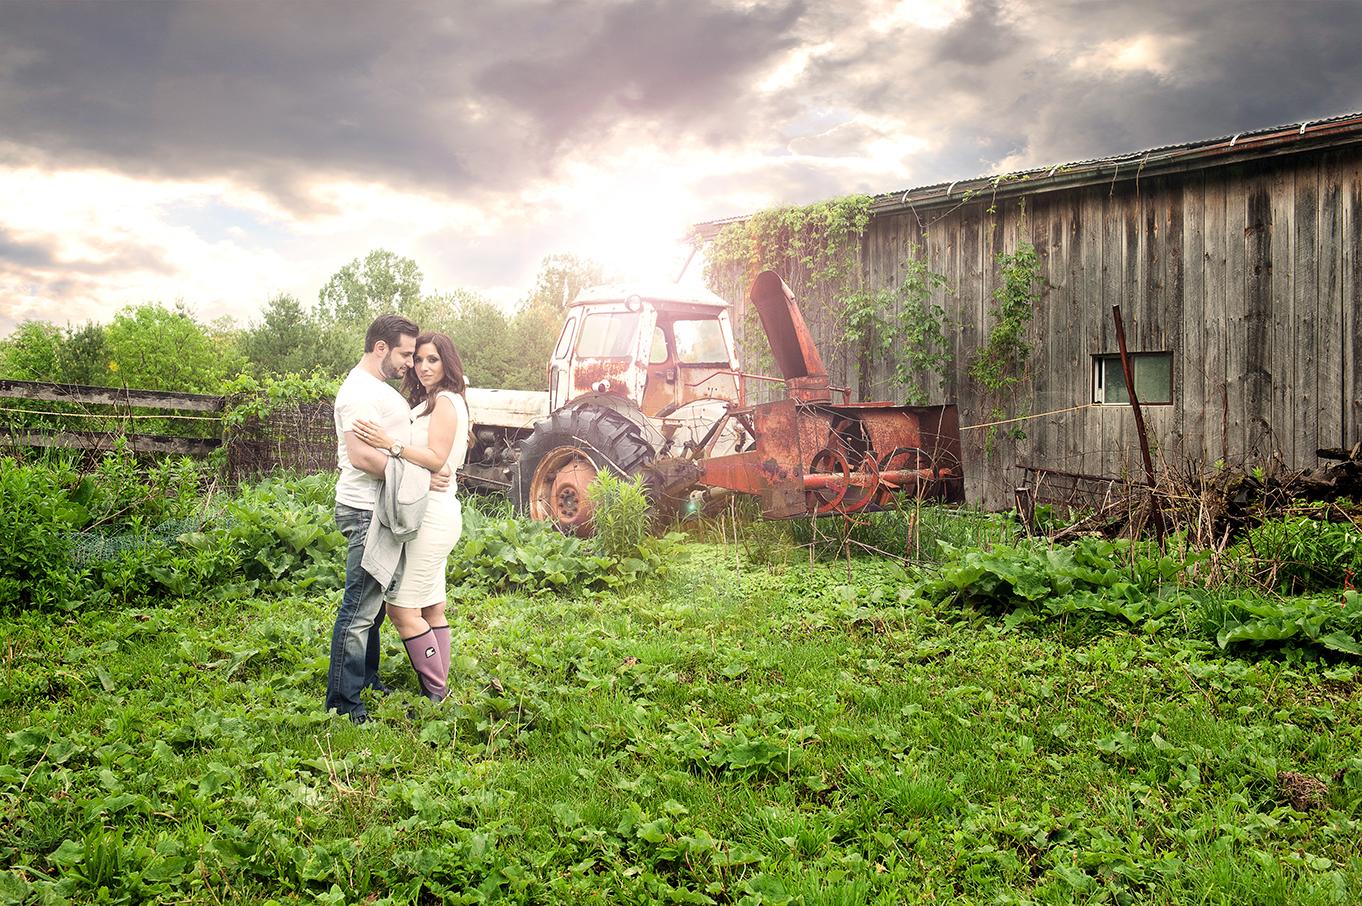 Marisa&Donato_Engagement-108.jpg